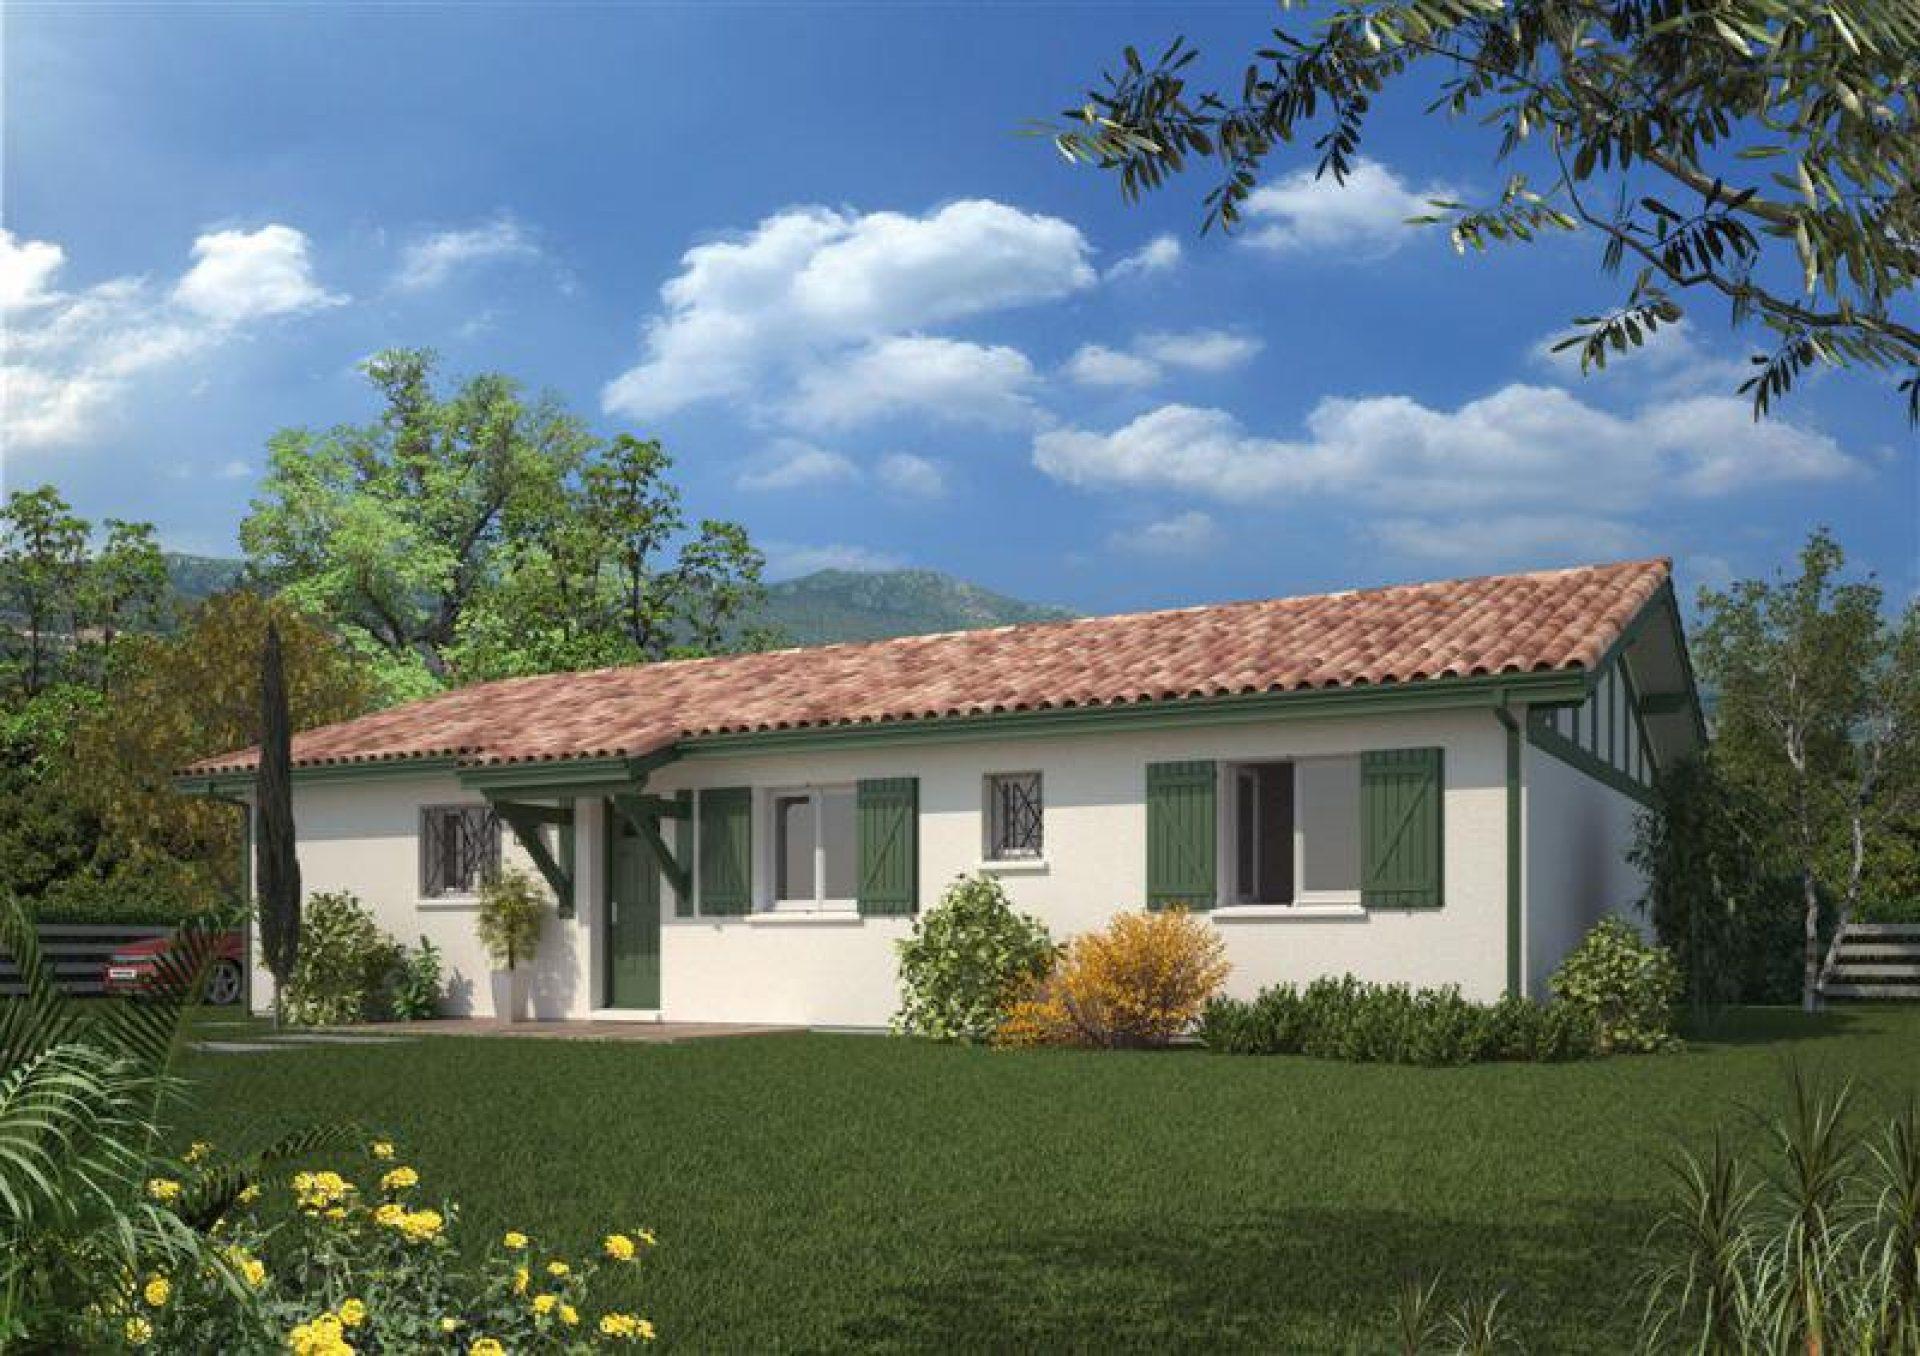 La maison Izarra | 64 à 110 m² | 3 chambres